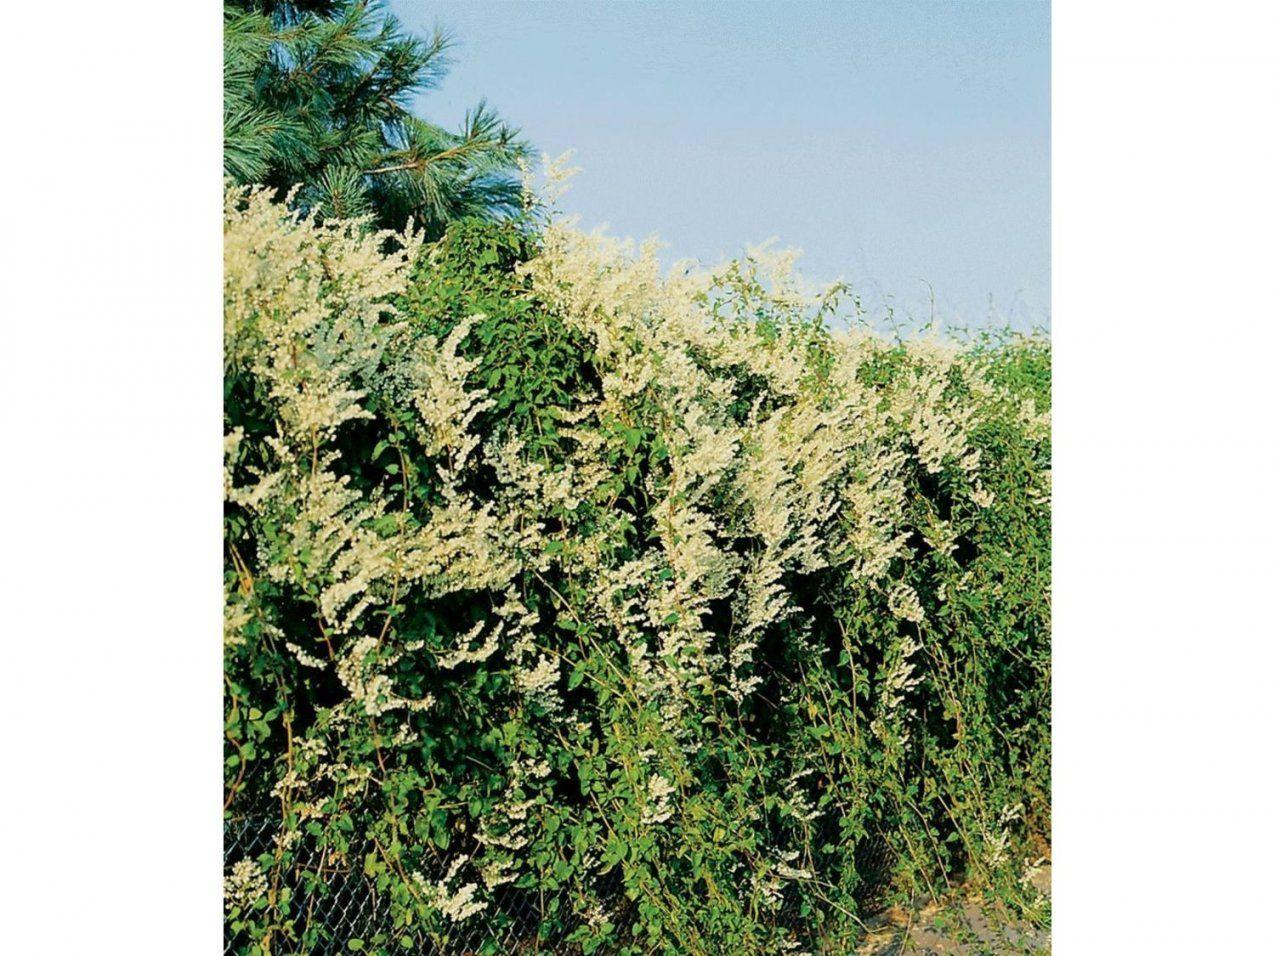 Schnell Wachsende Kletterpflanze Die Besten 25 Schnell Wachsende von Schnell Wachsende Kletterpflanze Immergrün Photo